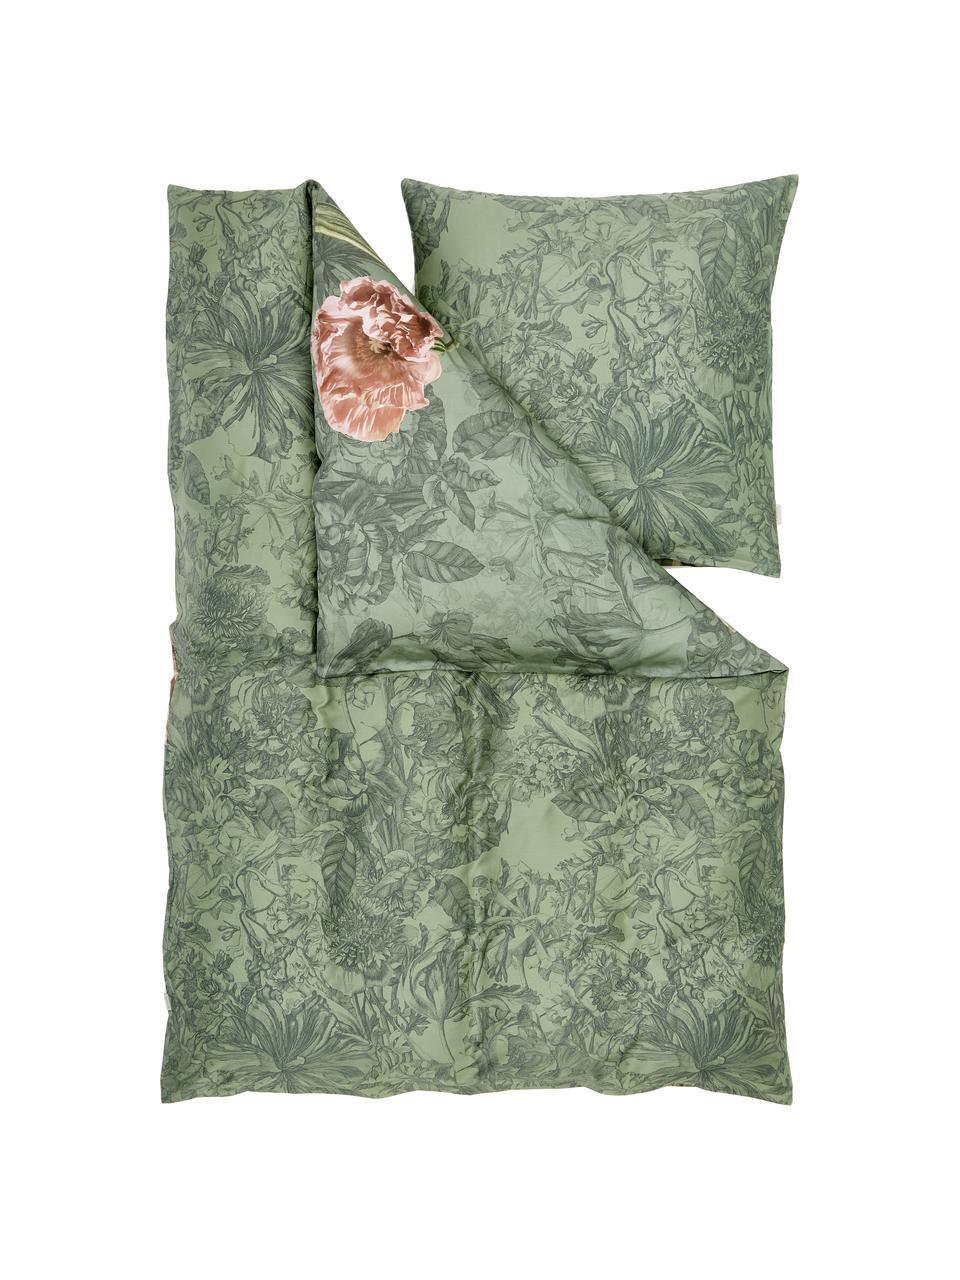 Baumwollsatin-Wendebettwäsche Annabel mit Blumenmuster, Webart: Satin, Basilikumgrün, 135 x 200 cm + 1 Kissen 80 x 80 cm